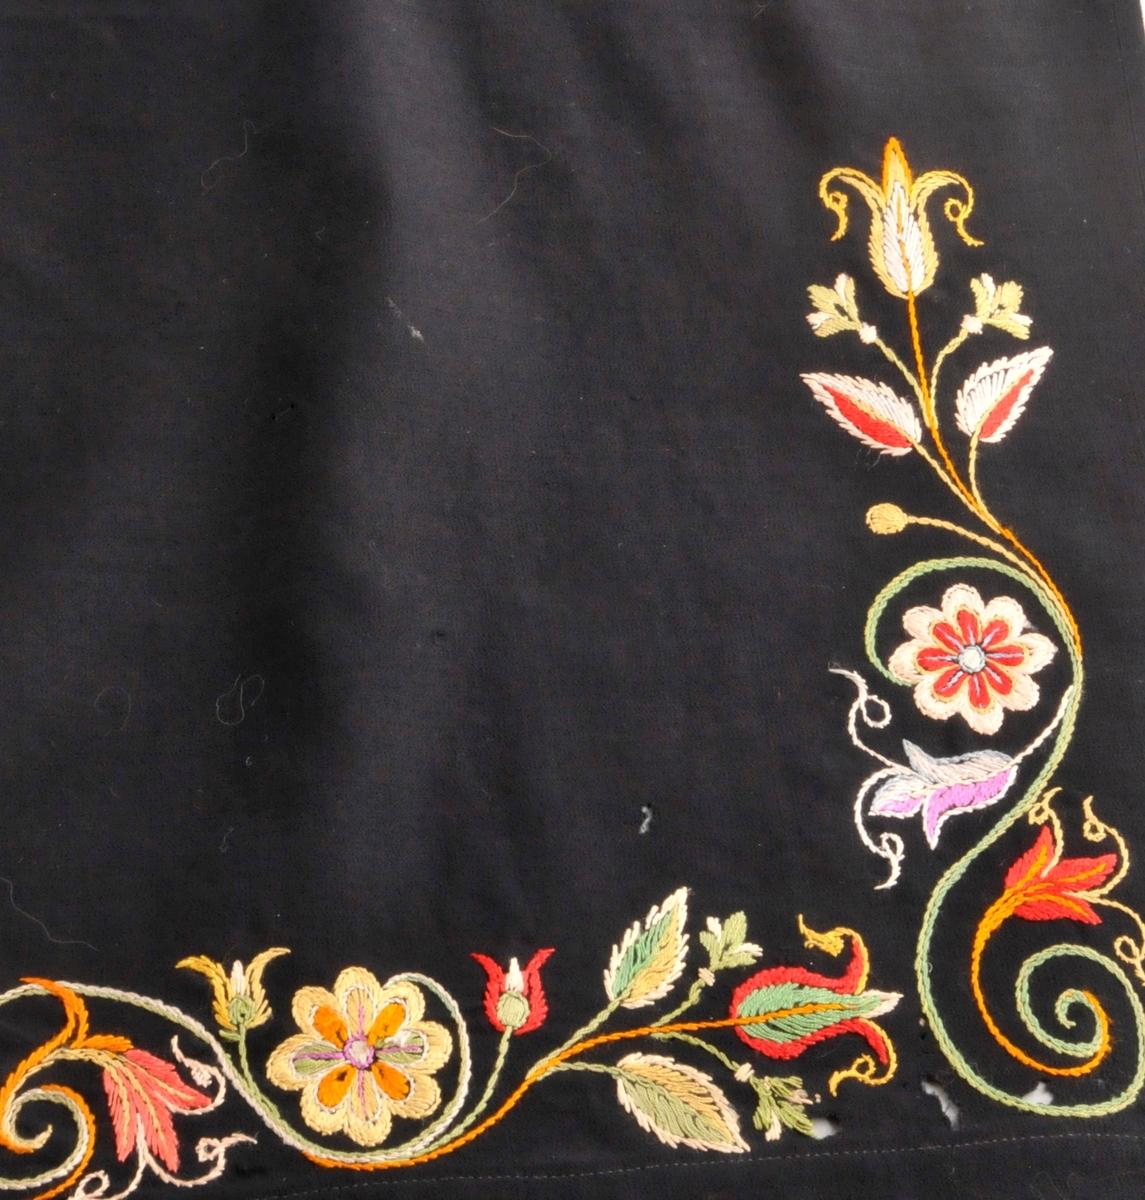 Svart stoffstykke/forkle brodera med blomsterrankar rundt kantane nede. Brodera med ikatfarga garn i silke.Det er ikkje kanta, men er falda oppe og nede. Jarekant på begge langsidene. Ber preg av å ha vore i bruk.